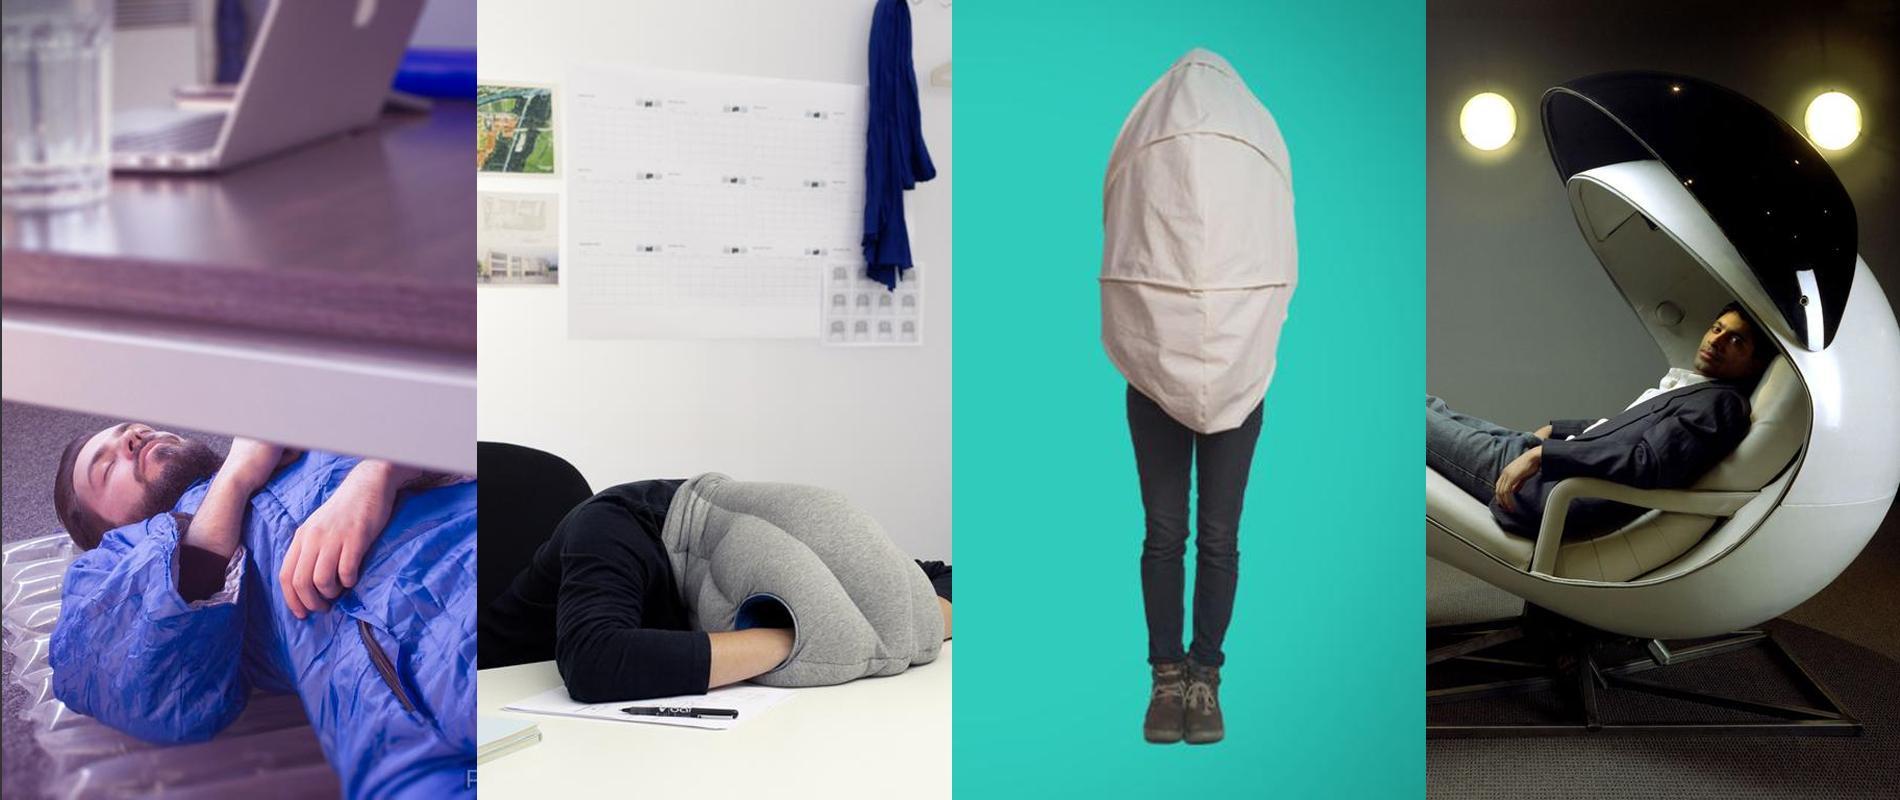 Sept objets pour faire la sieste au bureau madame figaro Objets pour decorer votre bureau